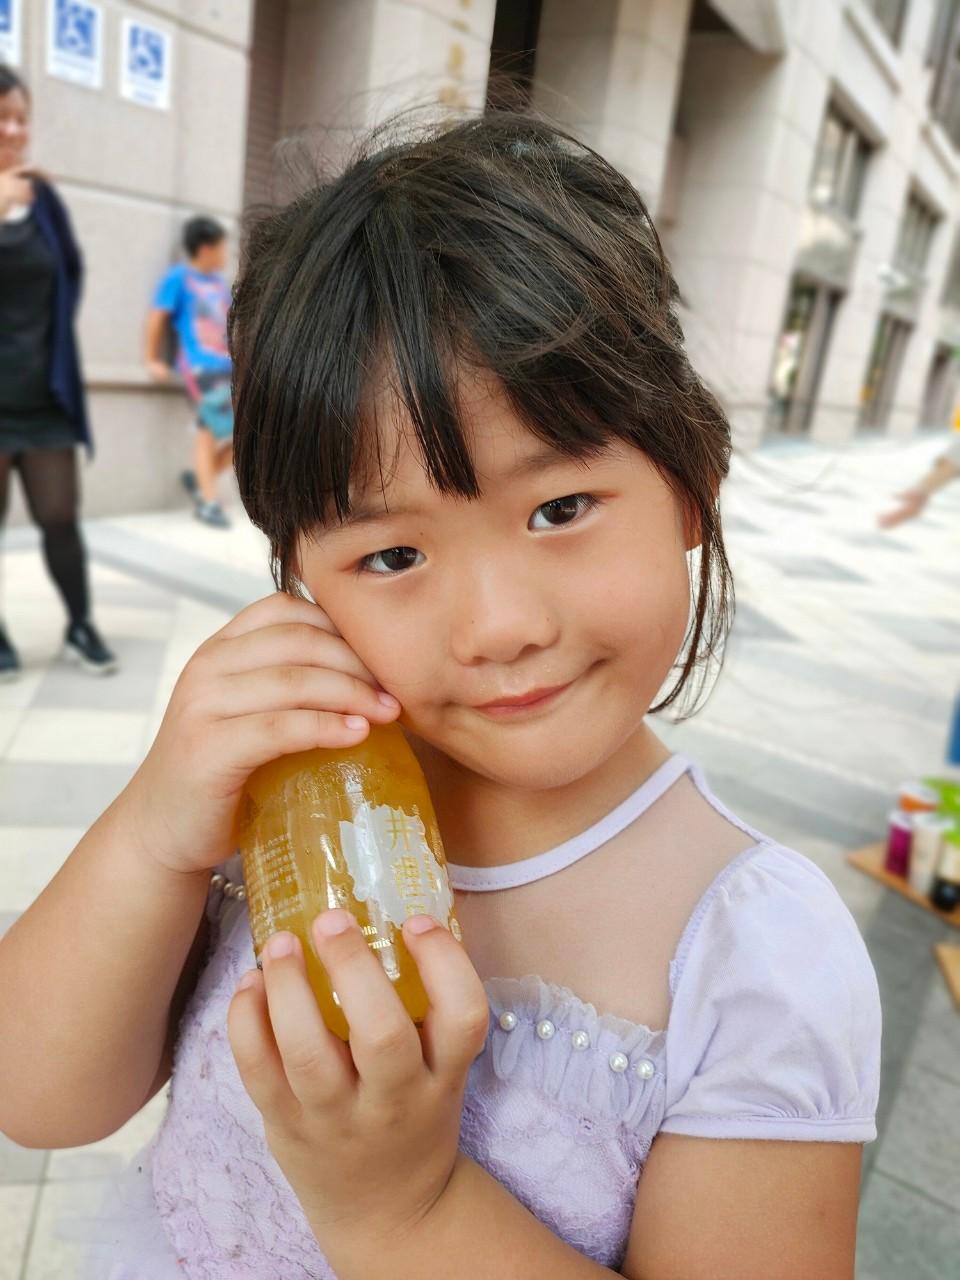 桃園楊梅美食-布里亞厚 Bullia Ho-從宜蘭紅到桃園的天然果汁吧,芒果奶奶.火龍翡翠超優質 (邀約) @民宿女王芽月-美食.旅遊.全台趴趴走